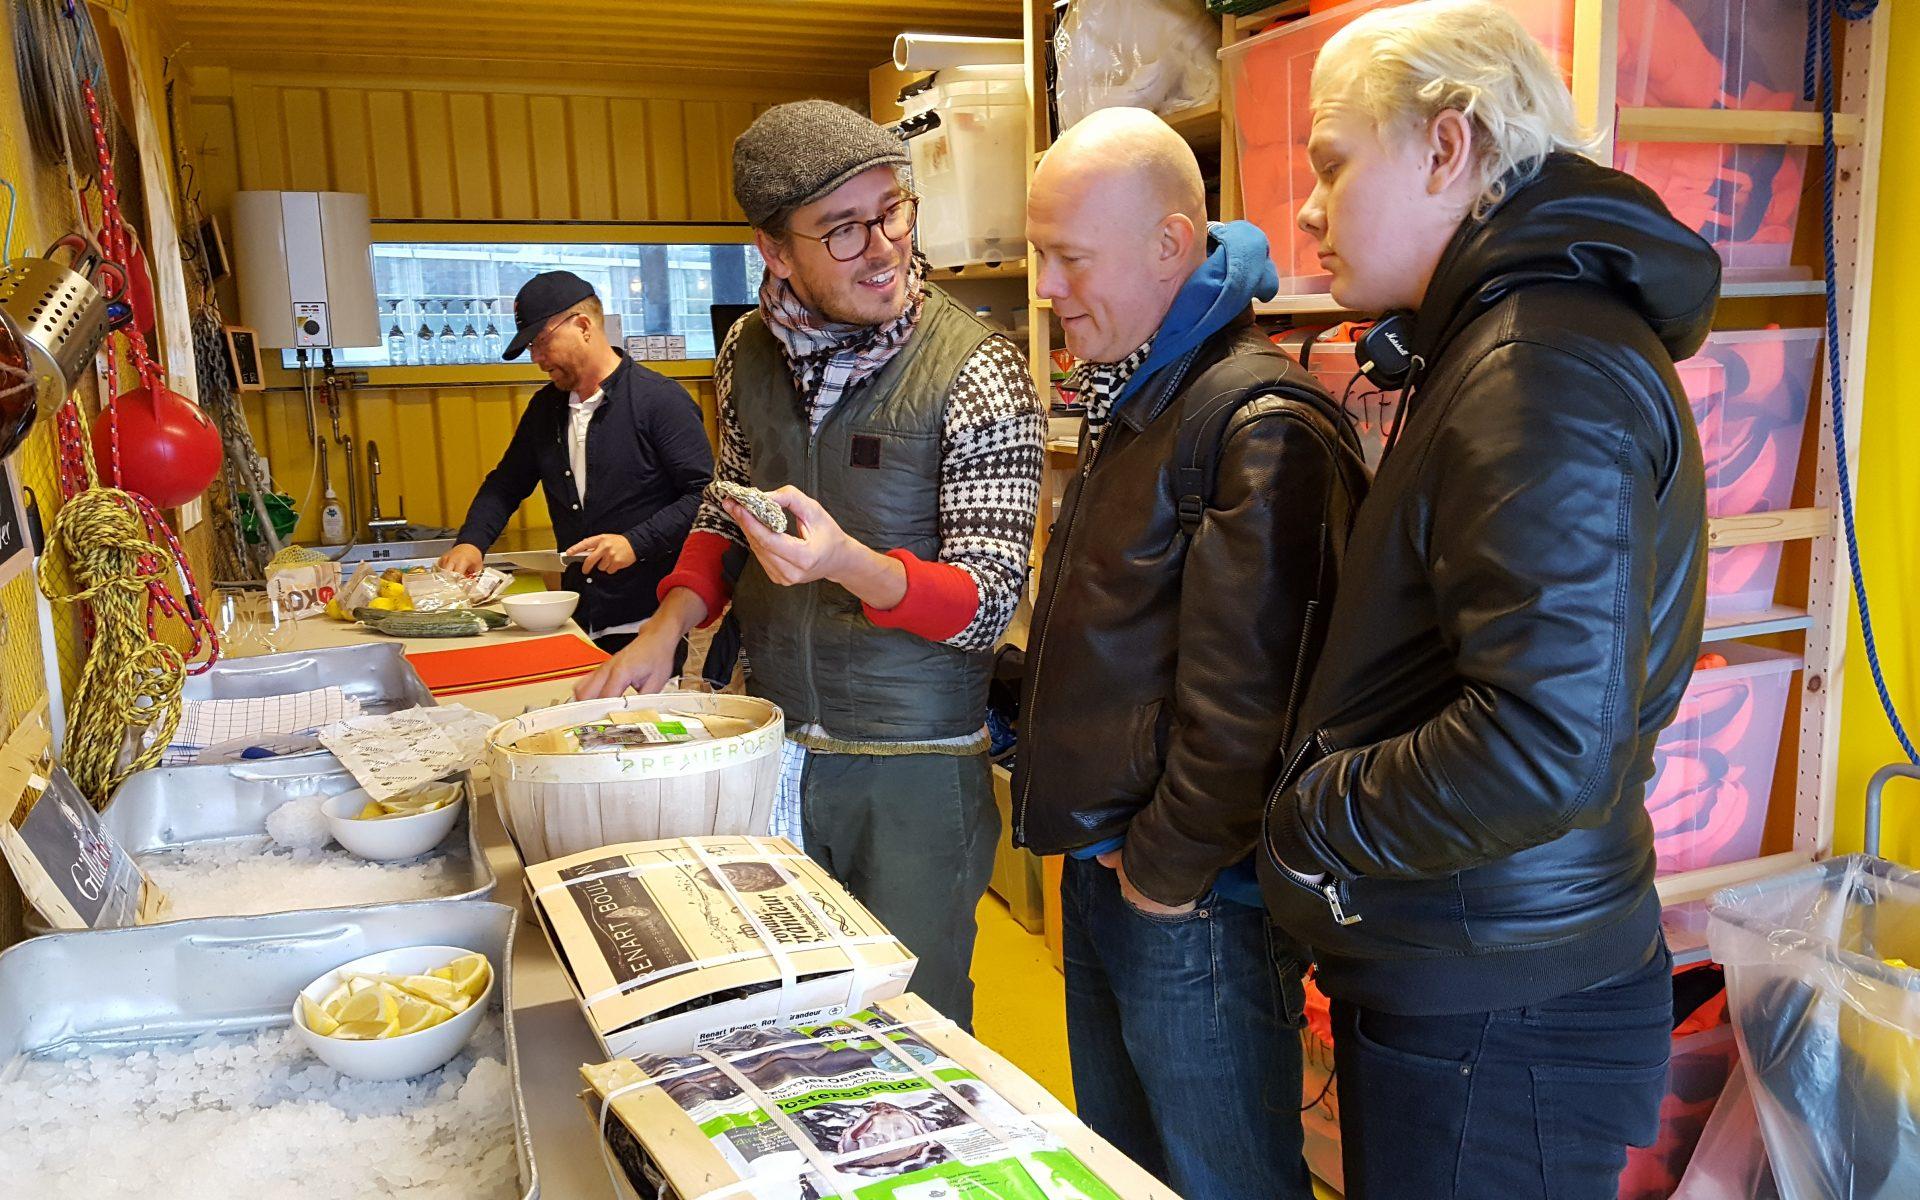 kulturhavn365_oestersmeditation09